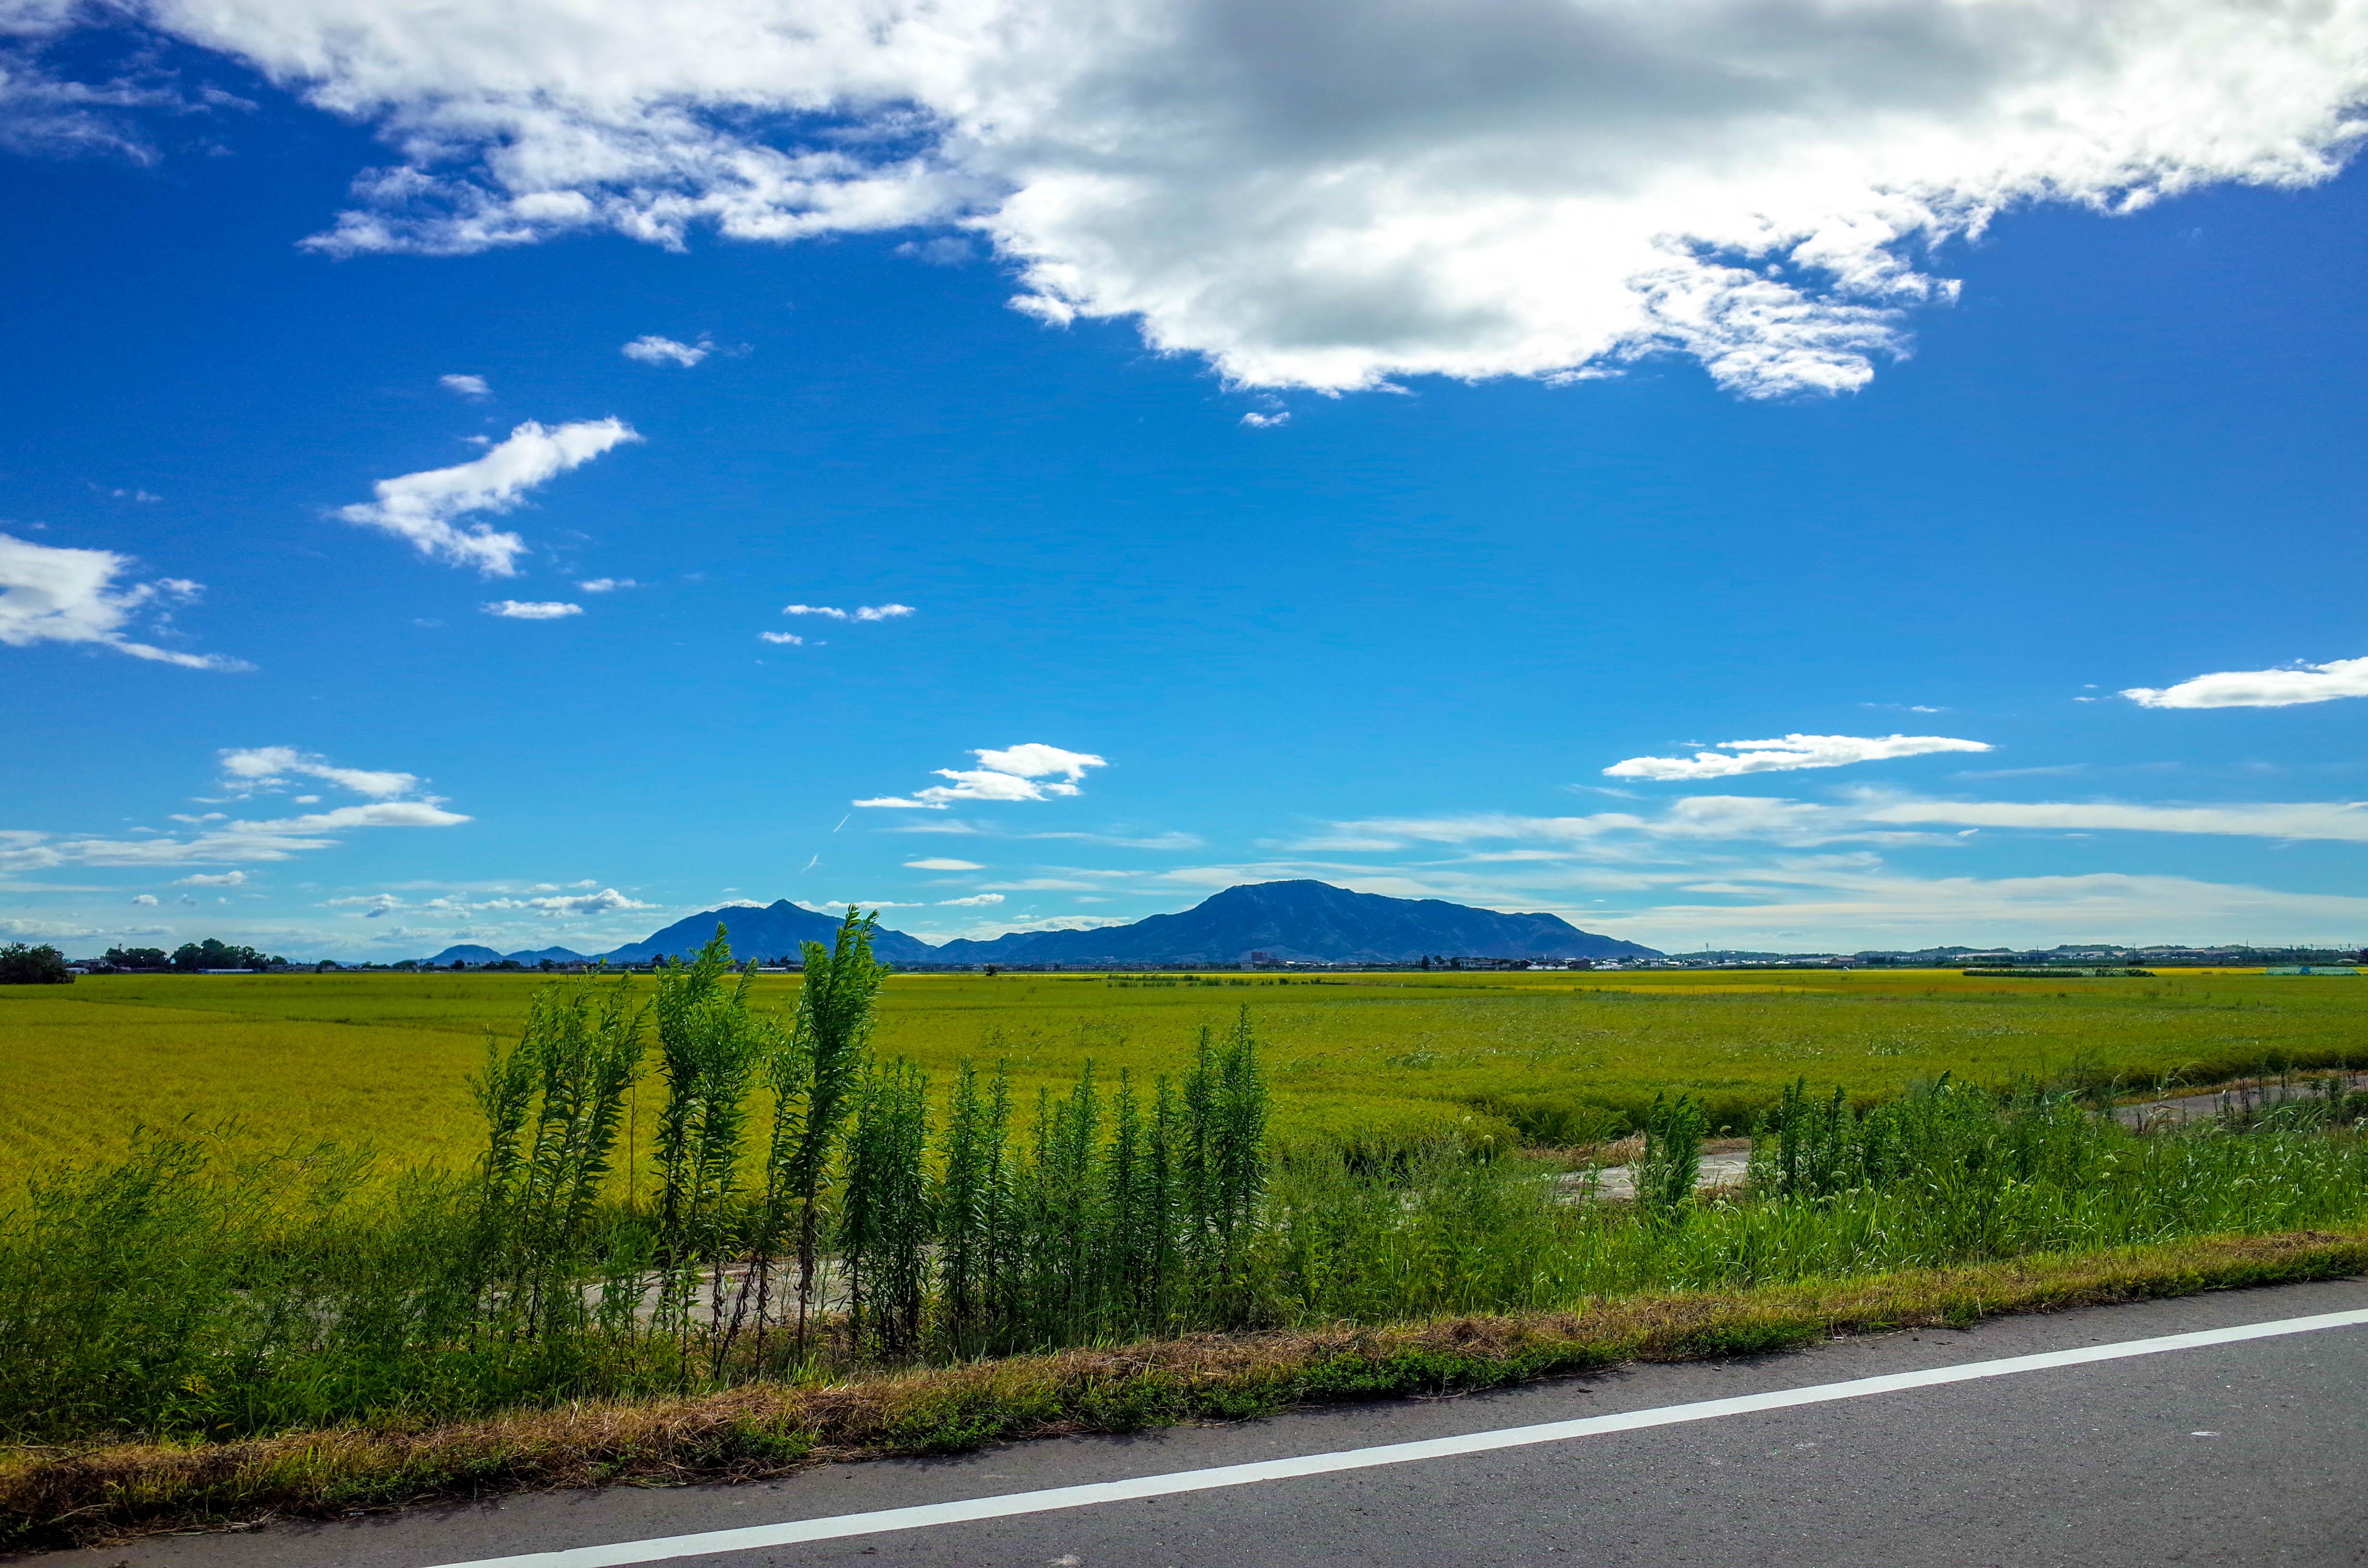 間違いなく新潟は第二の故郷です。本当にありがとうございました。